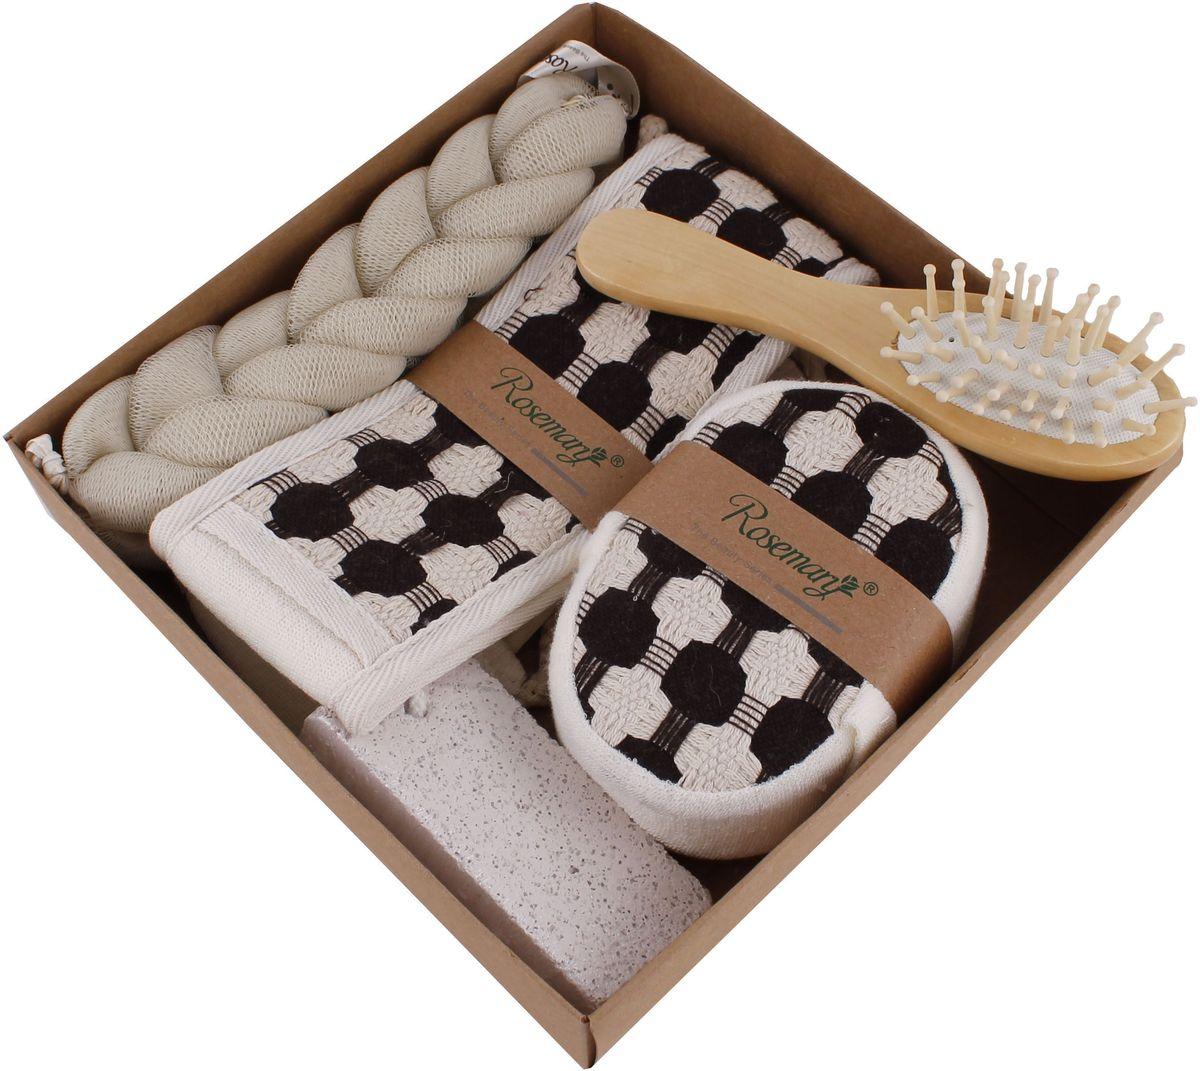 Набор банных аксессуаров Patricia, 5 предметов, цвет: белый. IM99-1331/2IM99-1331/2Набор банных аксессуаров включает: мочалка 20х4,5 см из синтетического материала; мочалка 68х7,5 см, состав: махровое полотно; массажка 16,5х4 см; мочалка 12,5х9х4 см состав: махровое полотно; пемза 9,5х4,5х1,5 см. Такой набор станет не заменимым и сделает банную процедуру еще более комфортной.